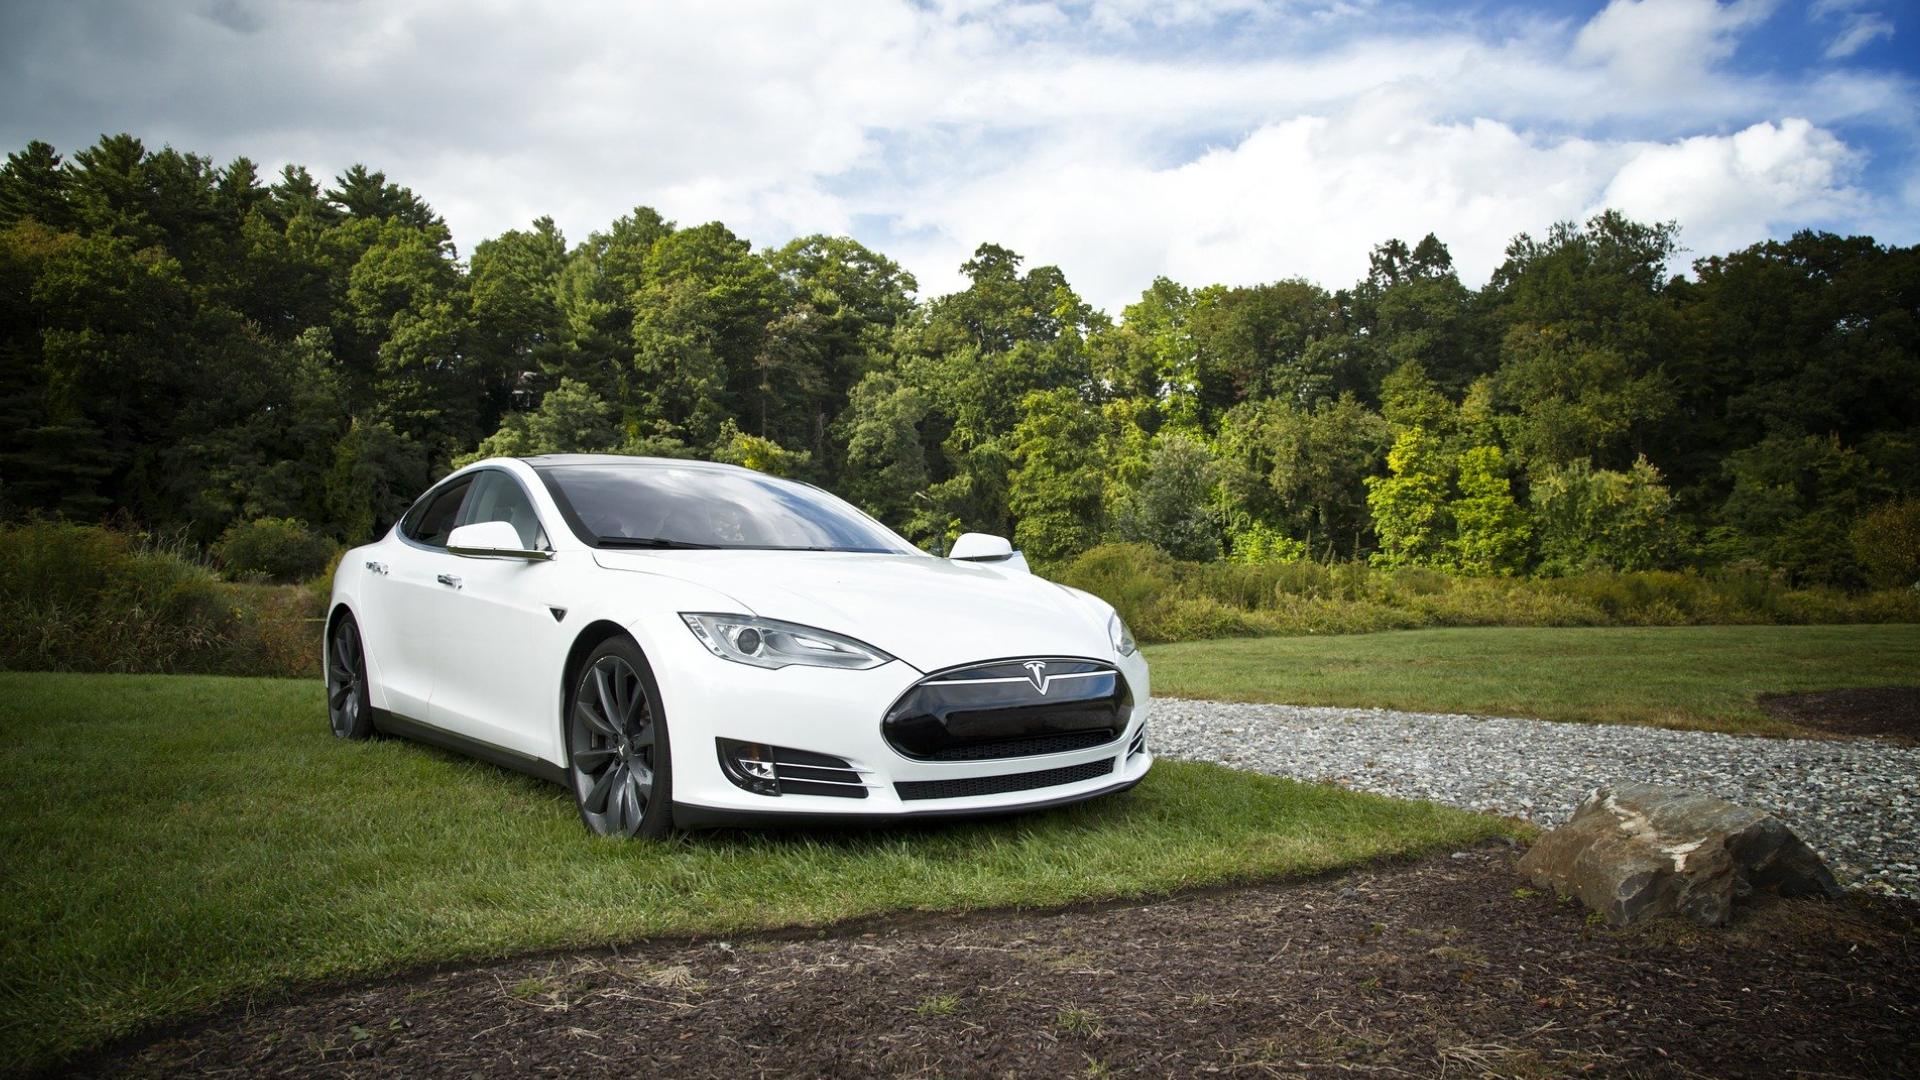 Fahrerassistenzsysteme von autonomen Autos reagieren auch auf Bilder